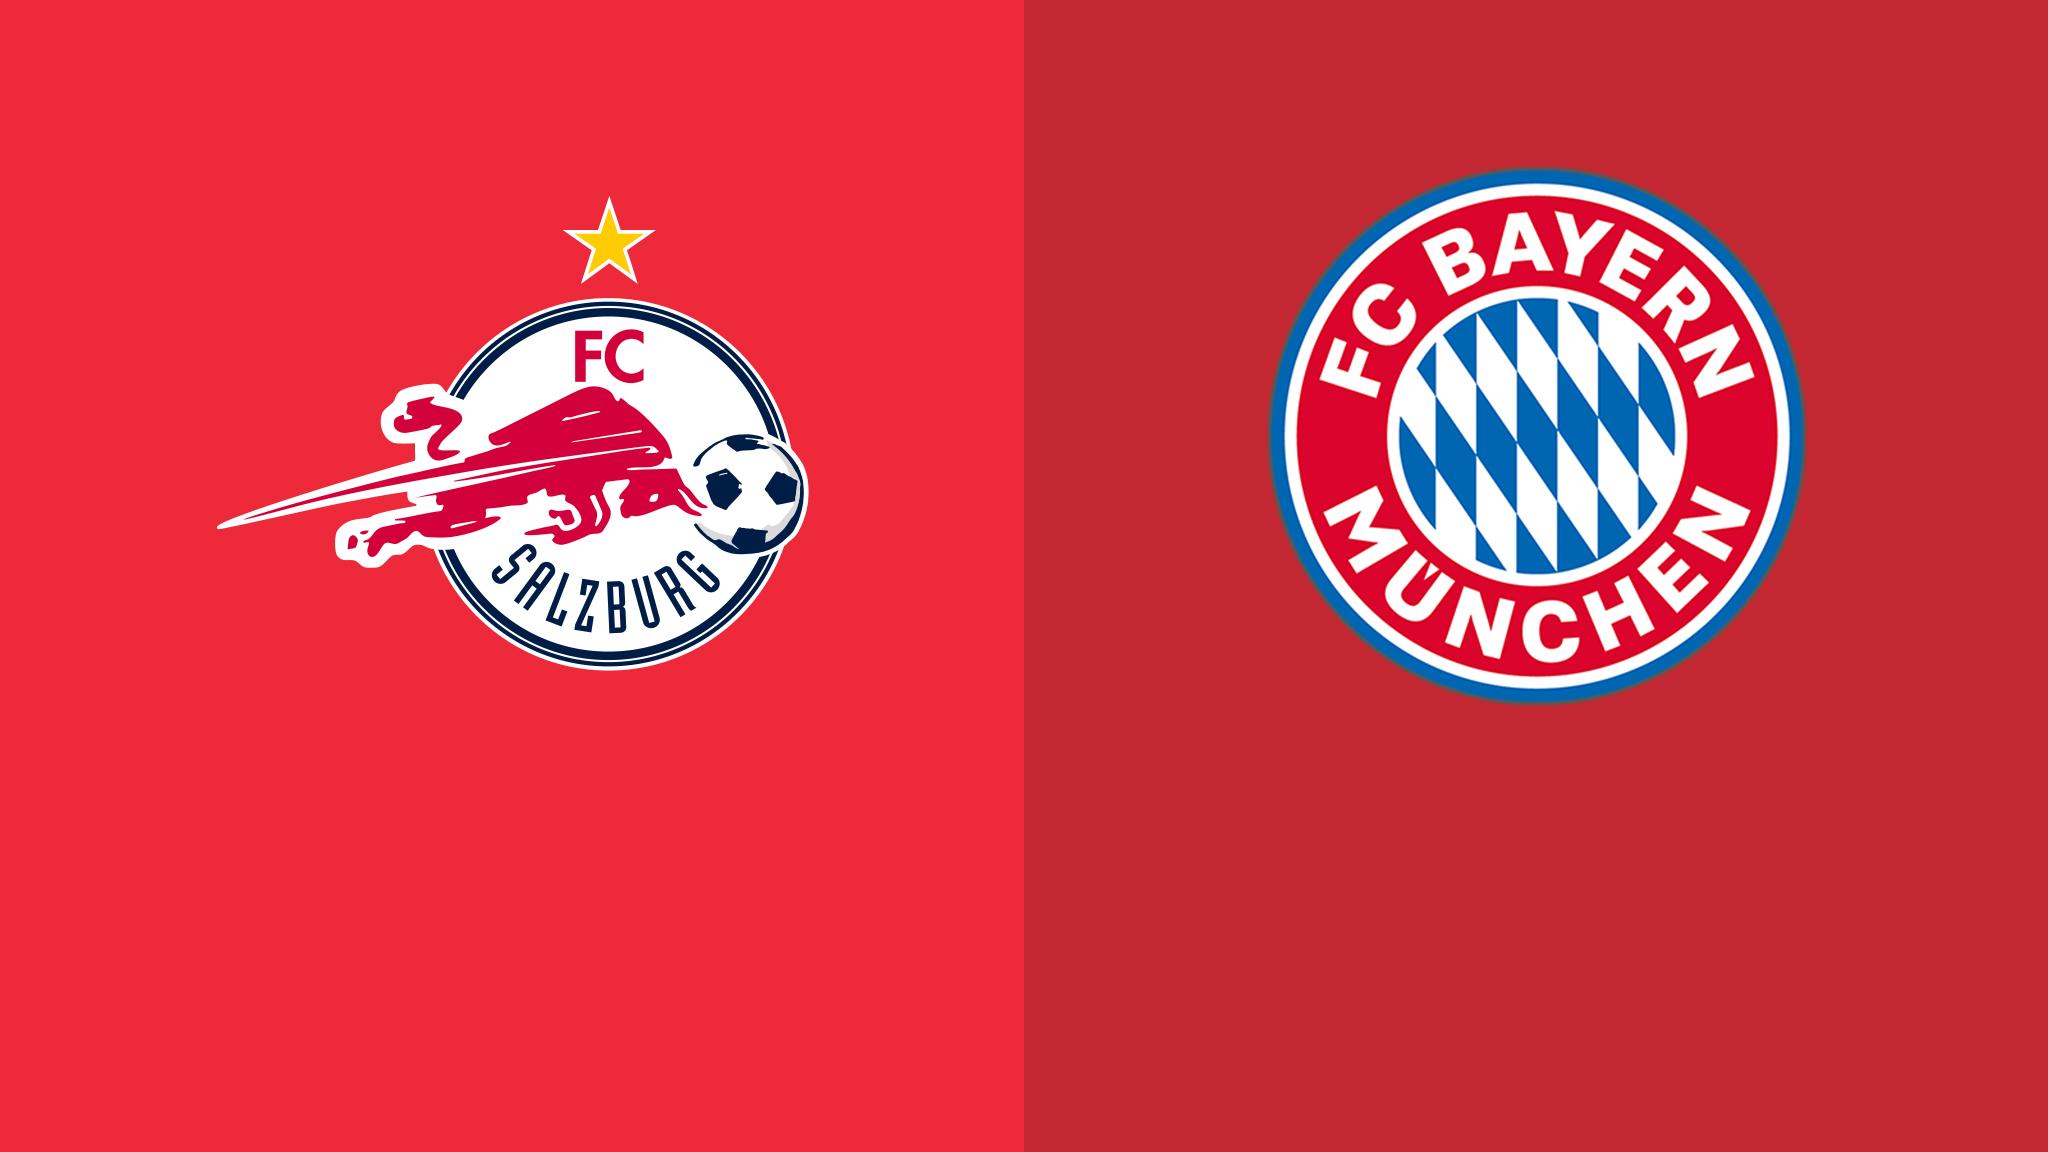 موعد مباراة بايرن ميونخ ضد سالزبورج والقنوات الناقلة الثلاثاء 3 نوفمبر 2020 في دوري أبطال أوروبا